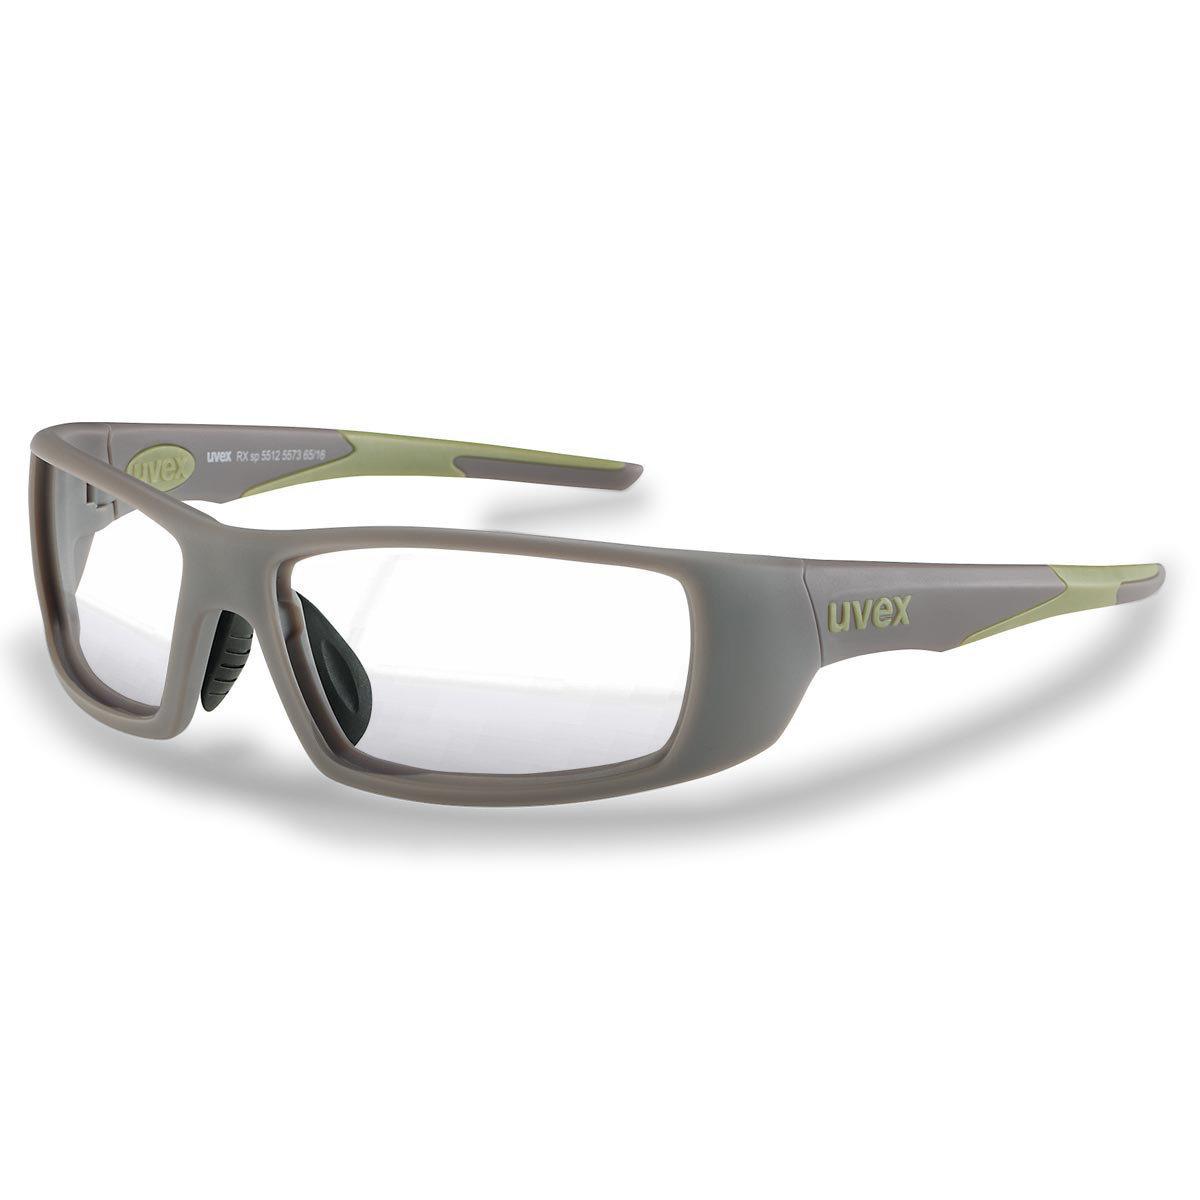 Uvex Korrektionsschutzbrille RX sp 5512 grün - UV blue protect